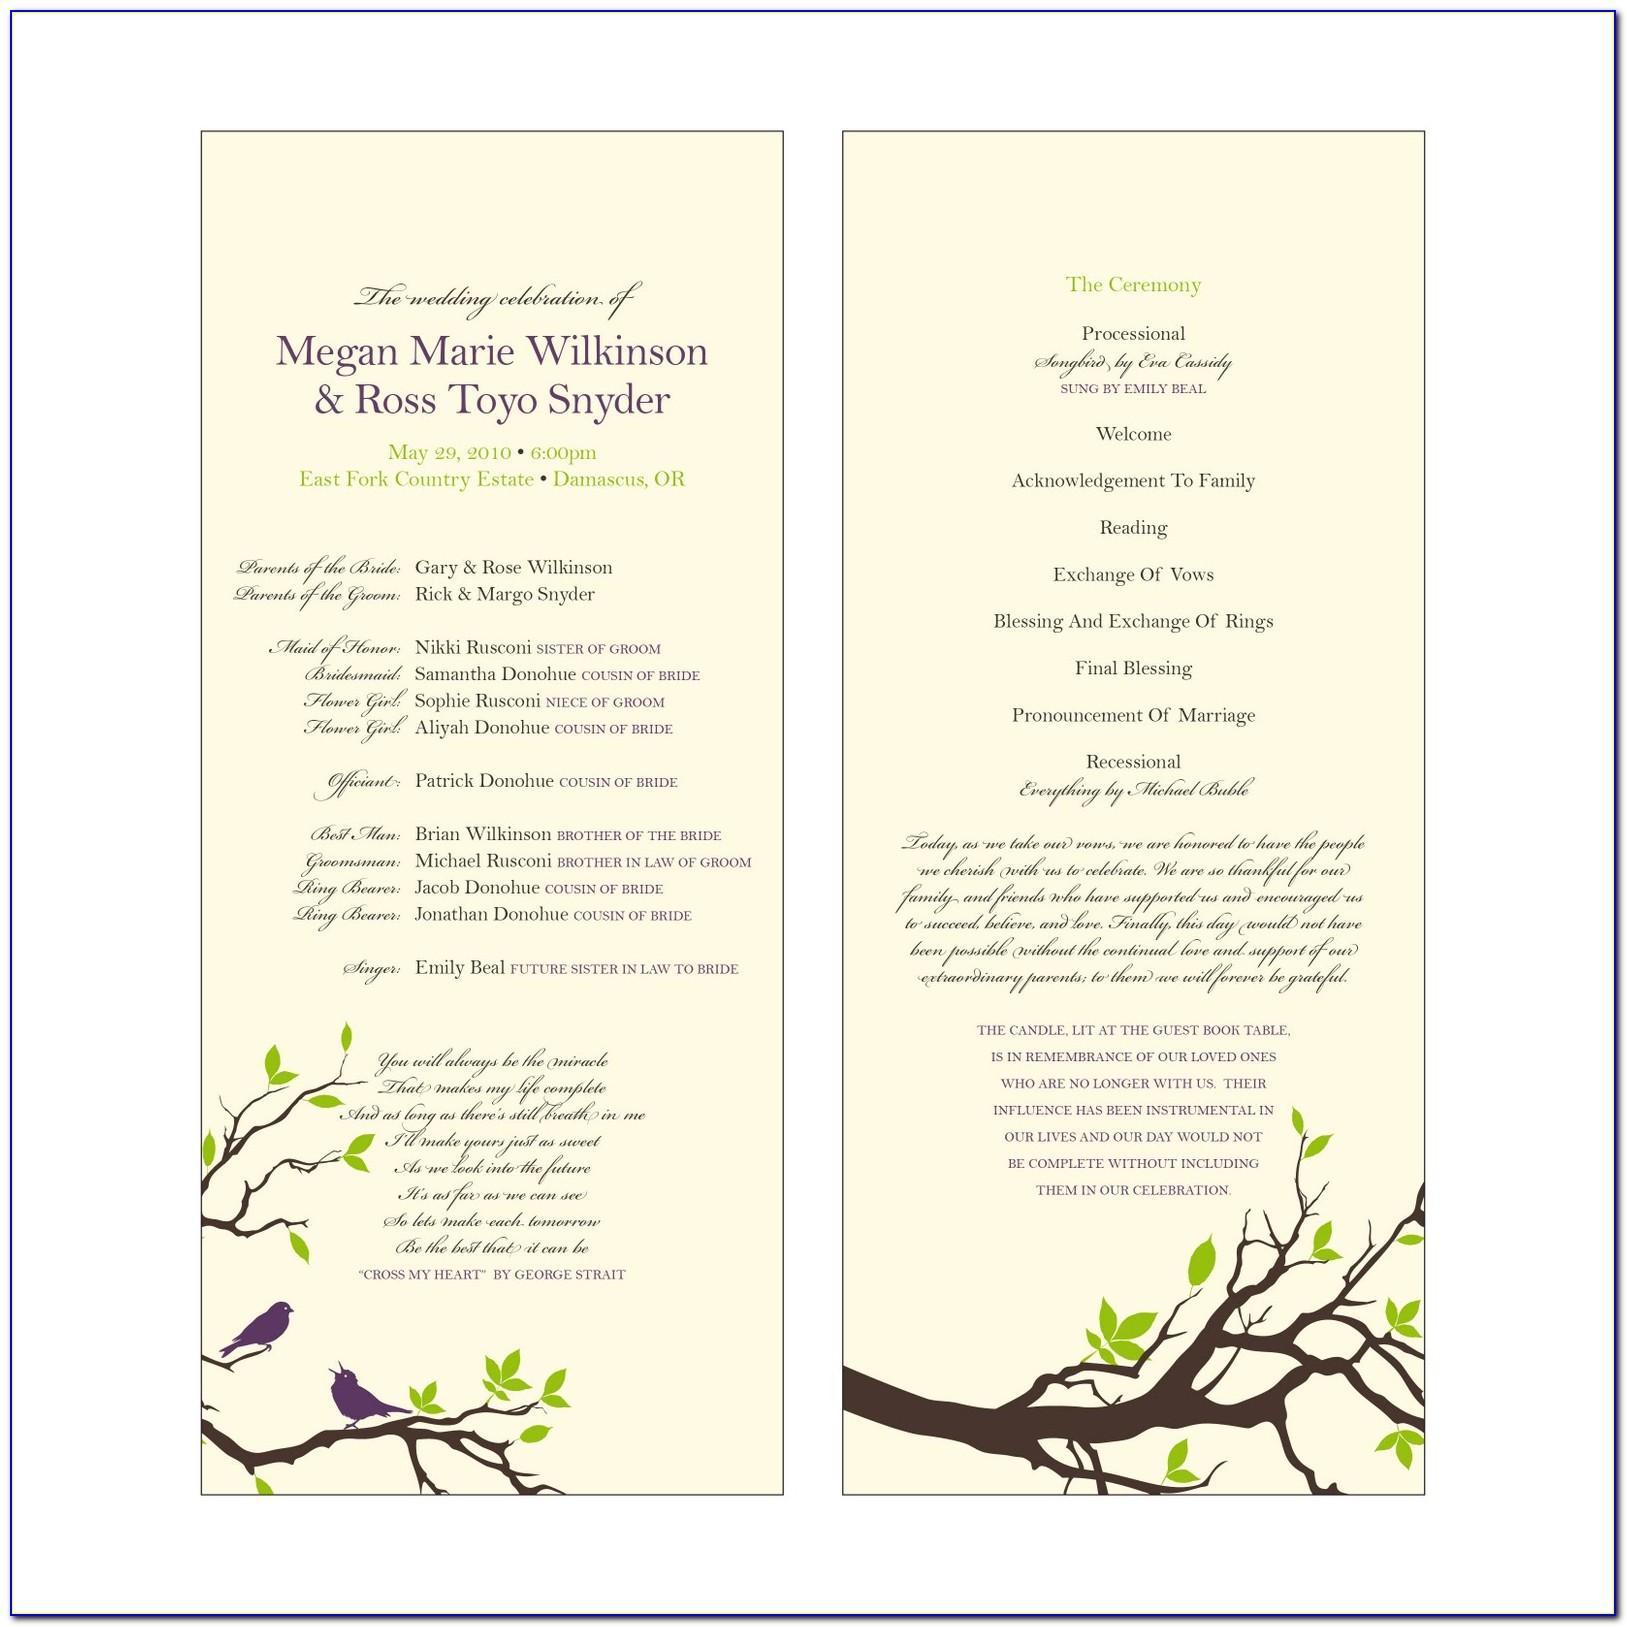 Catholic Wedding Mass Program Examples